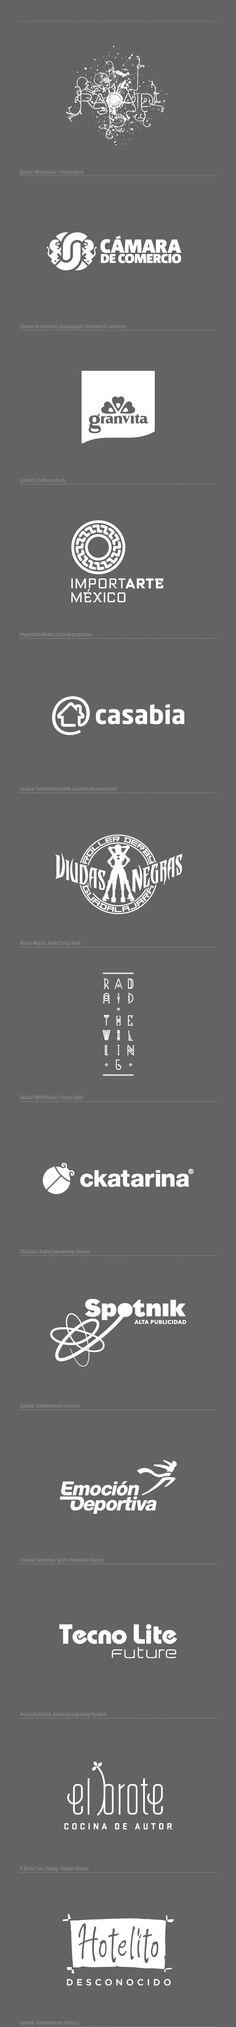 Logos by Oscar Borrego, via Behance